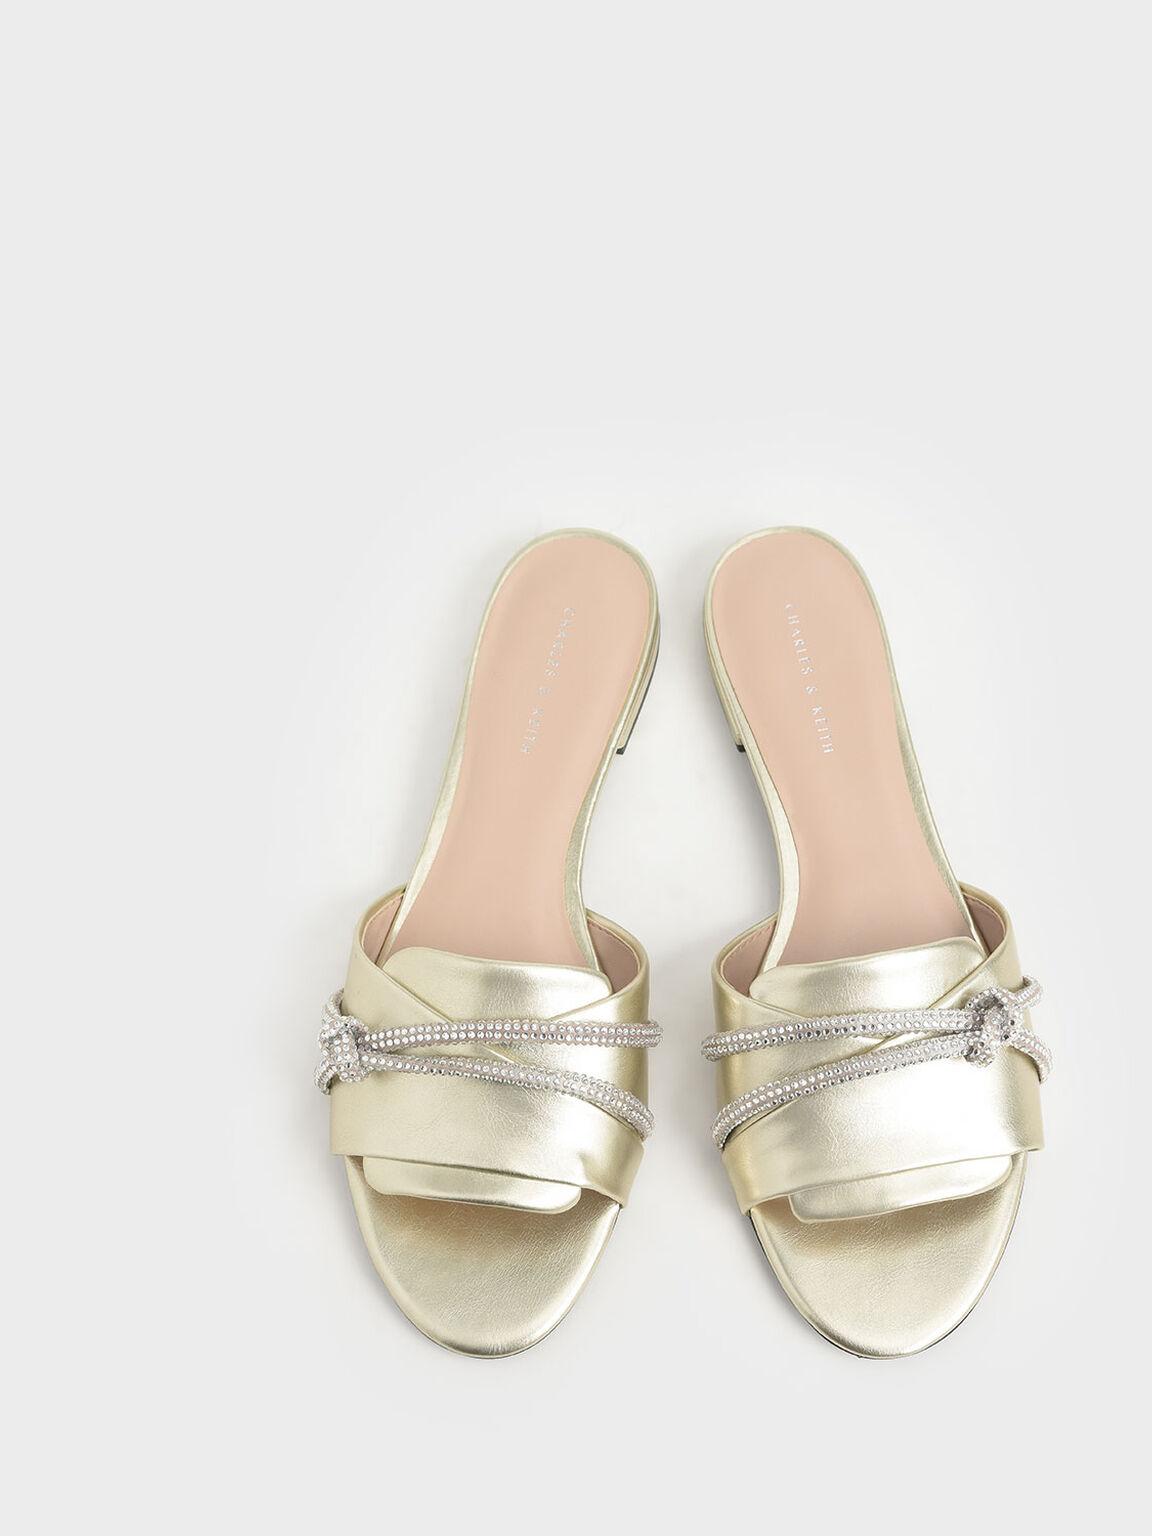 碎鑽扭結拖鞋, 金色, hi-res